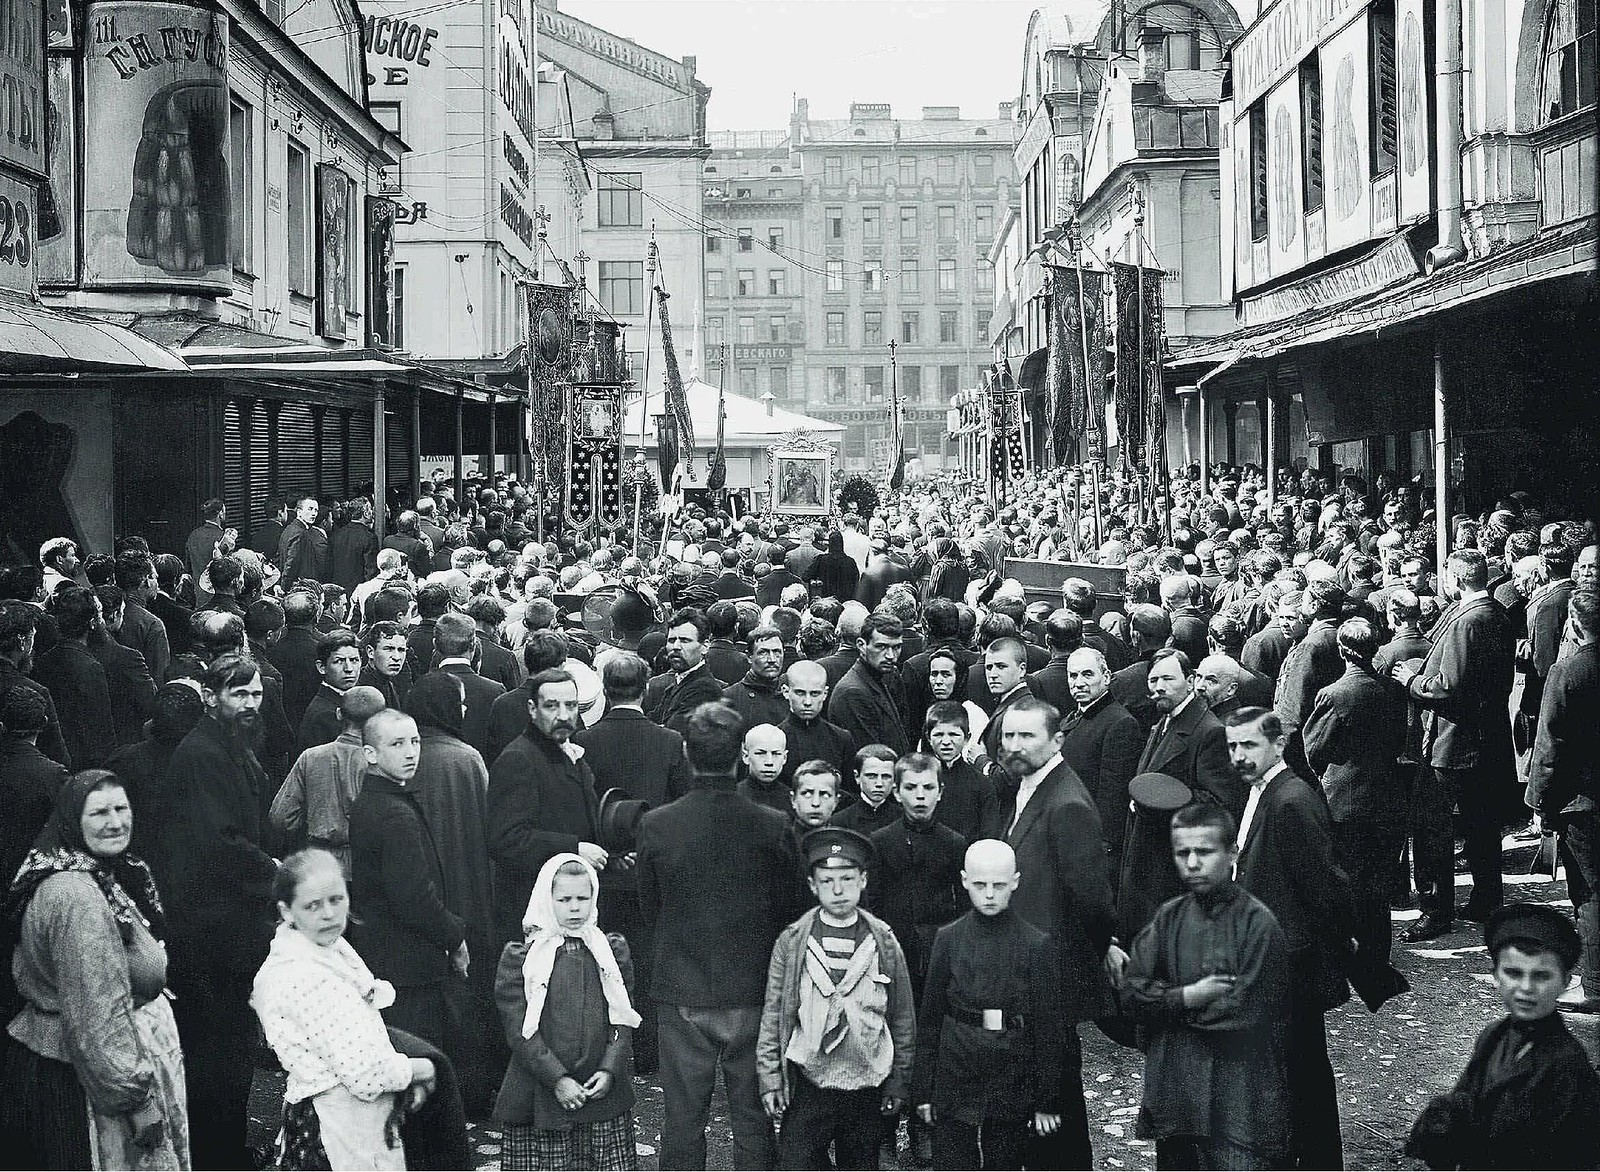 1912. Крестный ход у торговых корпусов Апраксина Двора